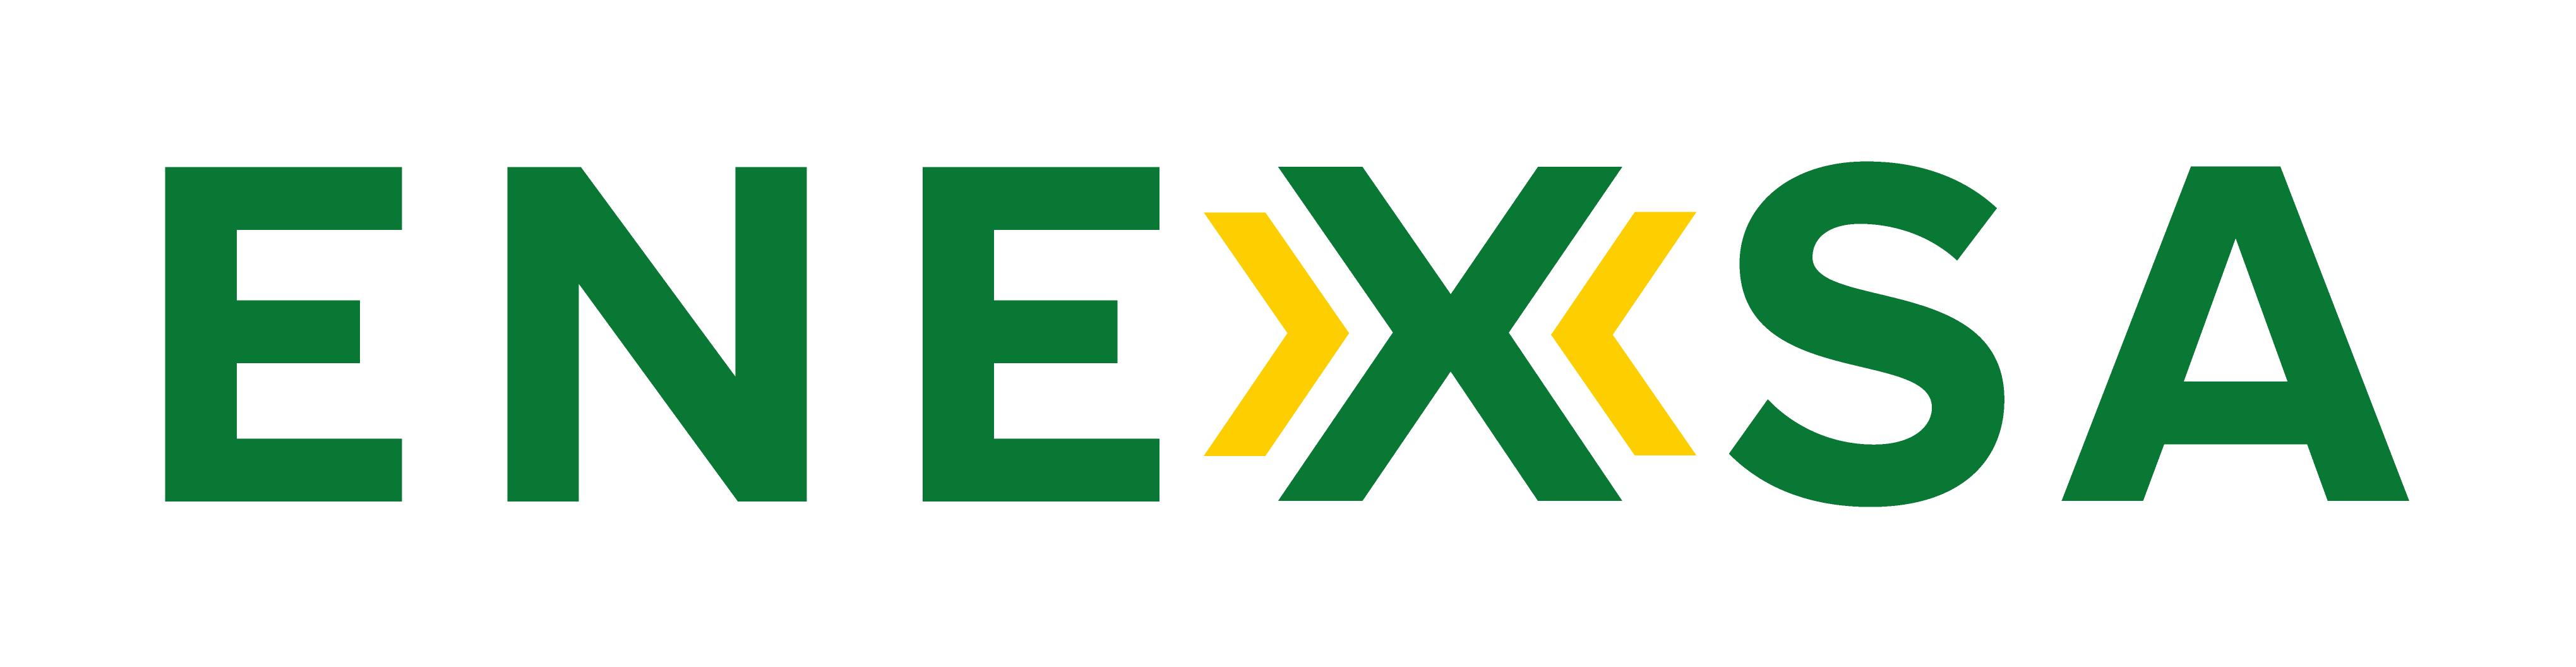 ENEXSA GmbH